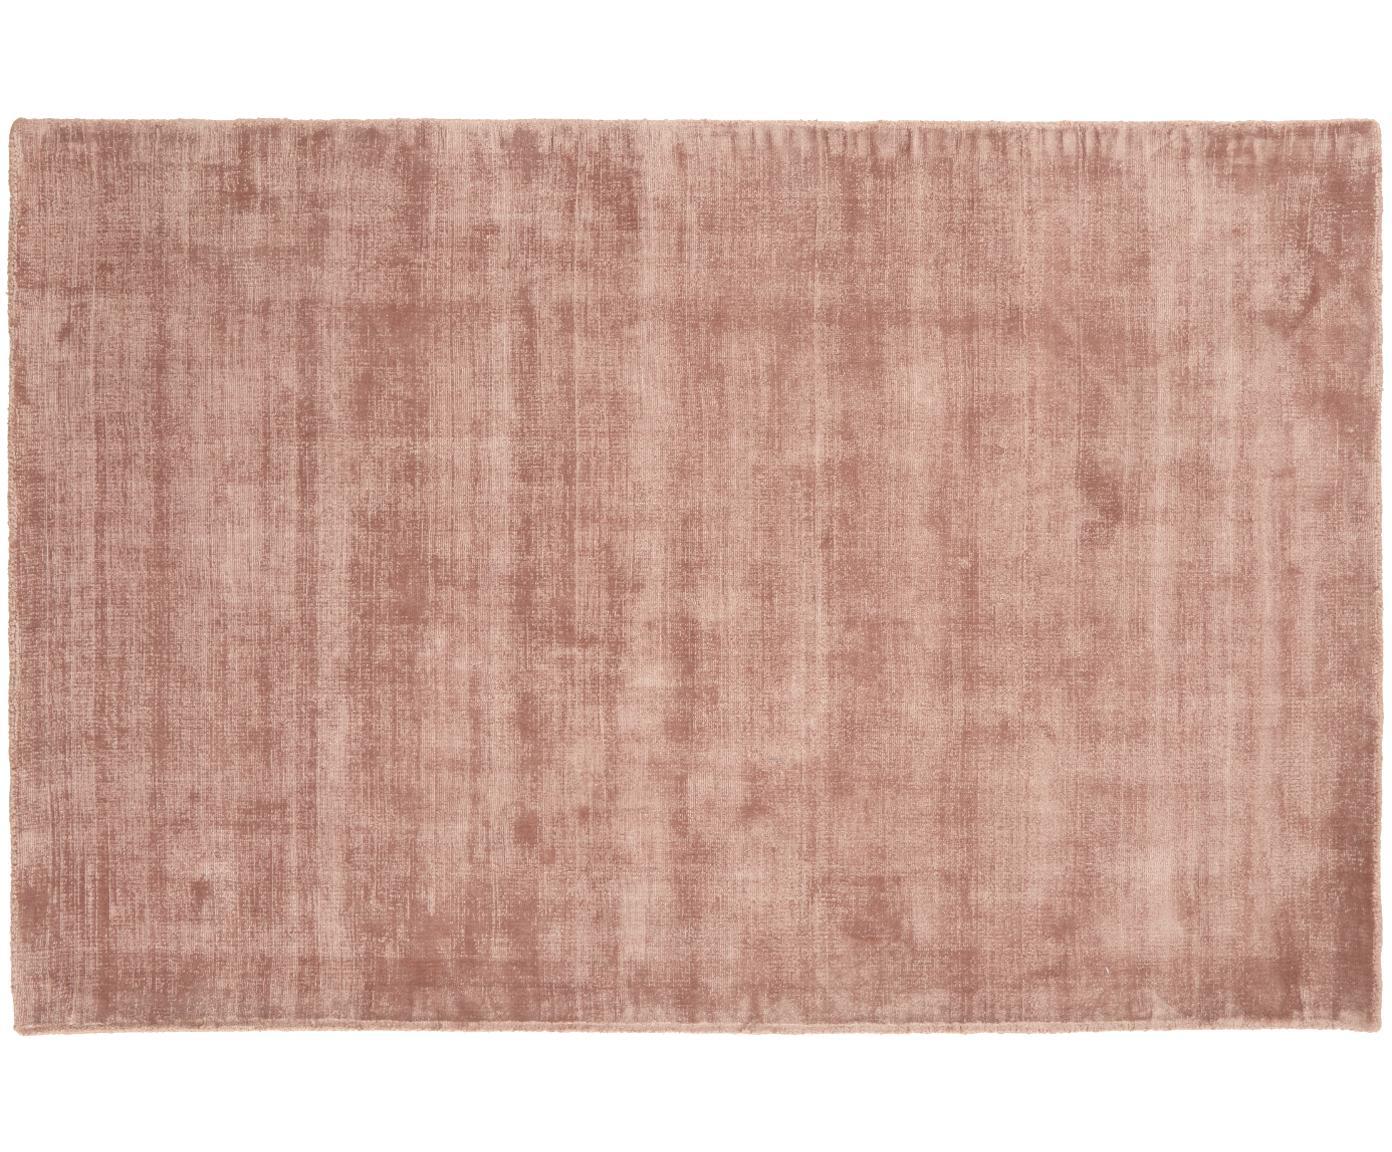 Handgeweven viscose vloerkleed Jane, Bovenzijde: 100% viscose, Onderzijde: 100% katoen, Terracotta, B 120 x L 180 cm (maat S)